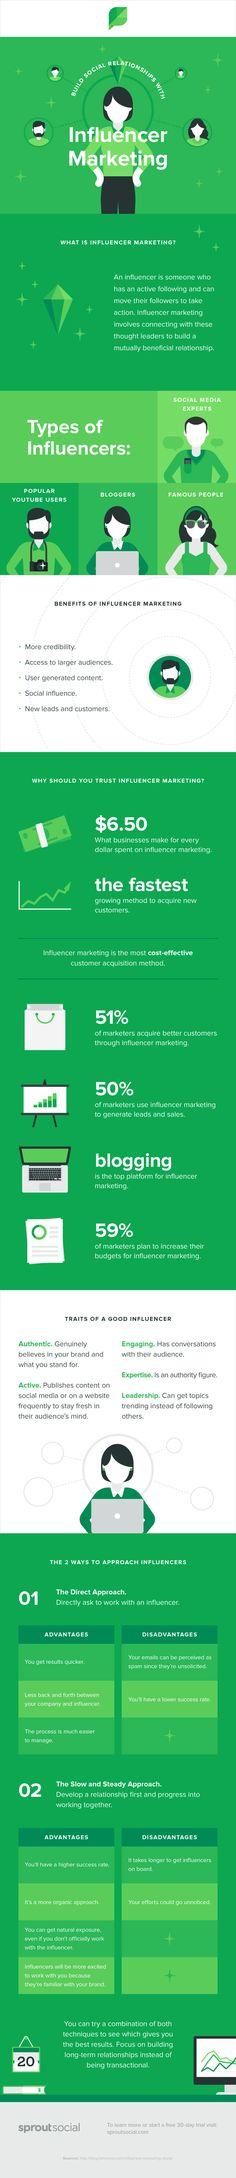 A Beginners Guide to Influencer Marketing #SocialMedia #InfluencerMarketing